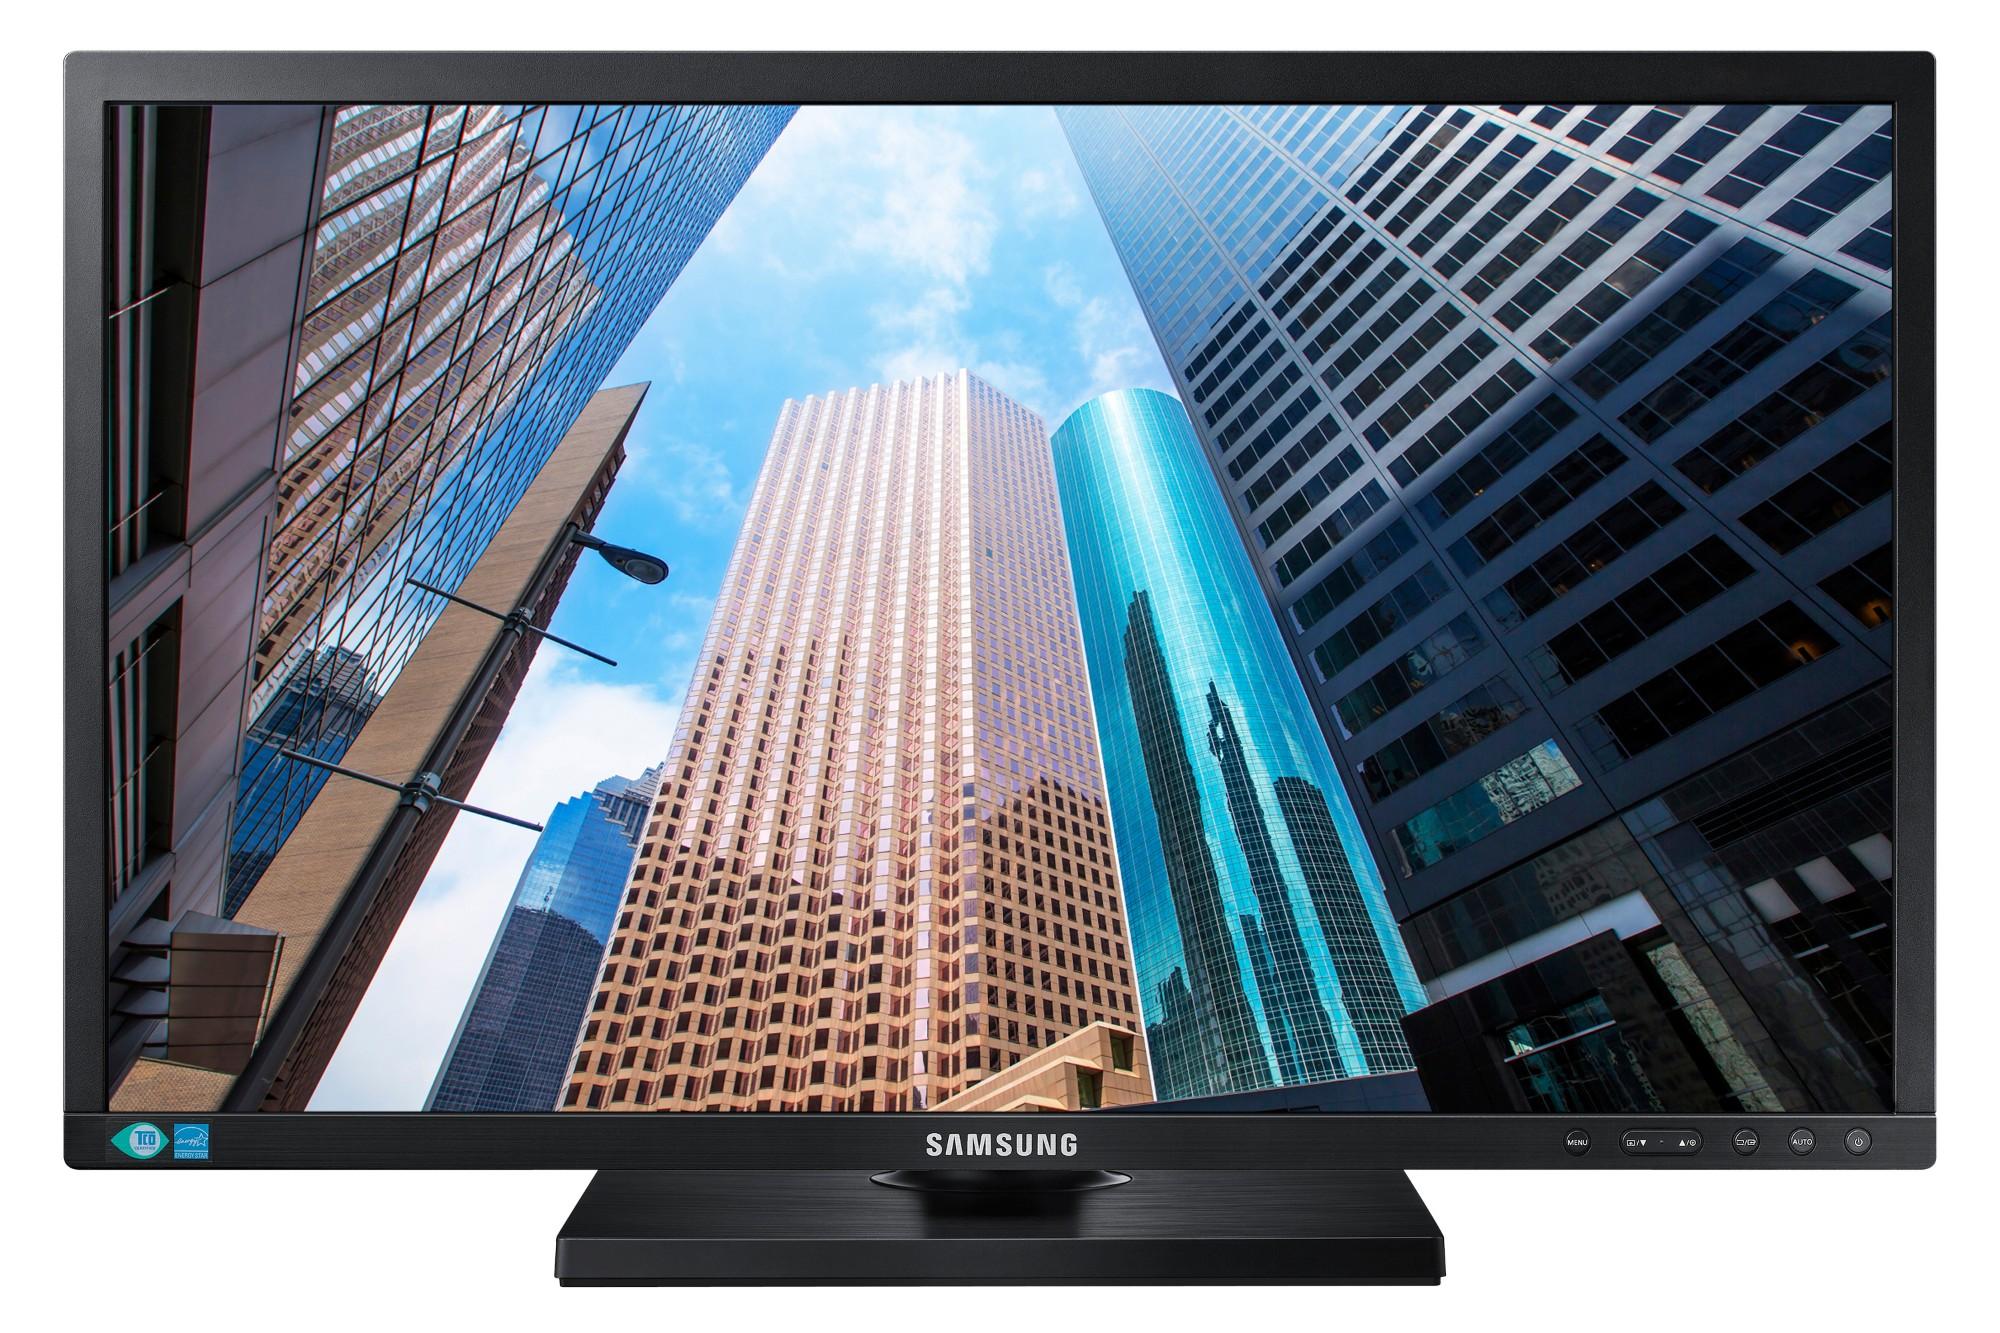 Samsung S24E650PL 59.9 cm (23.6